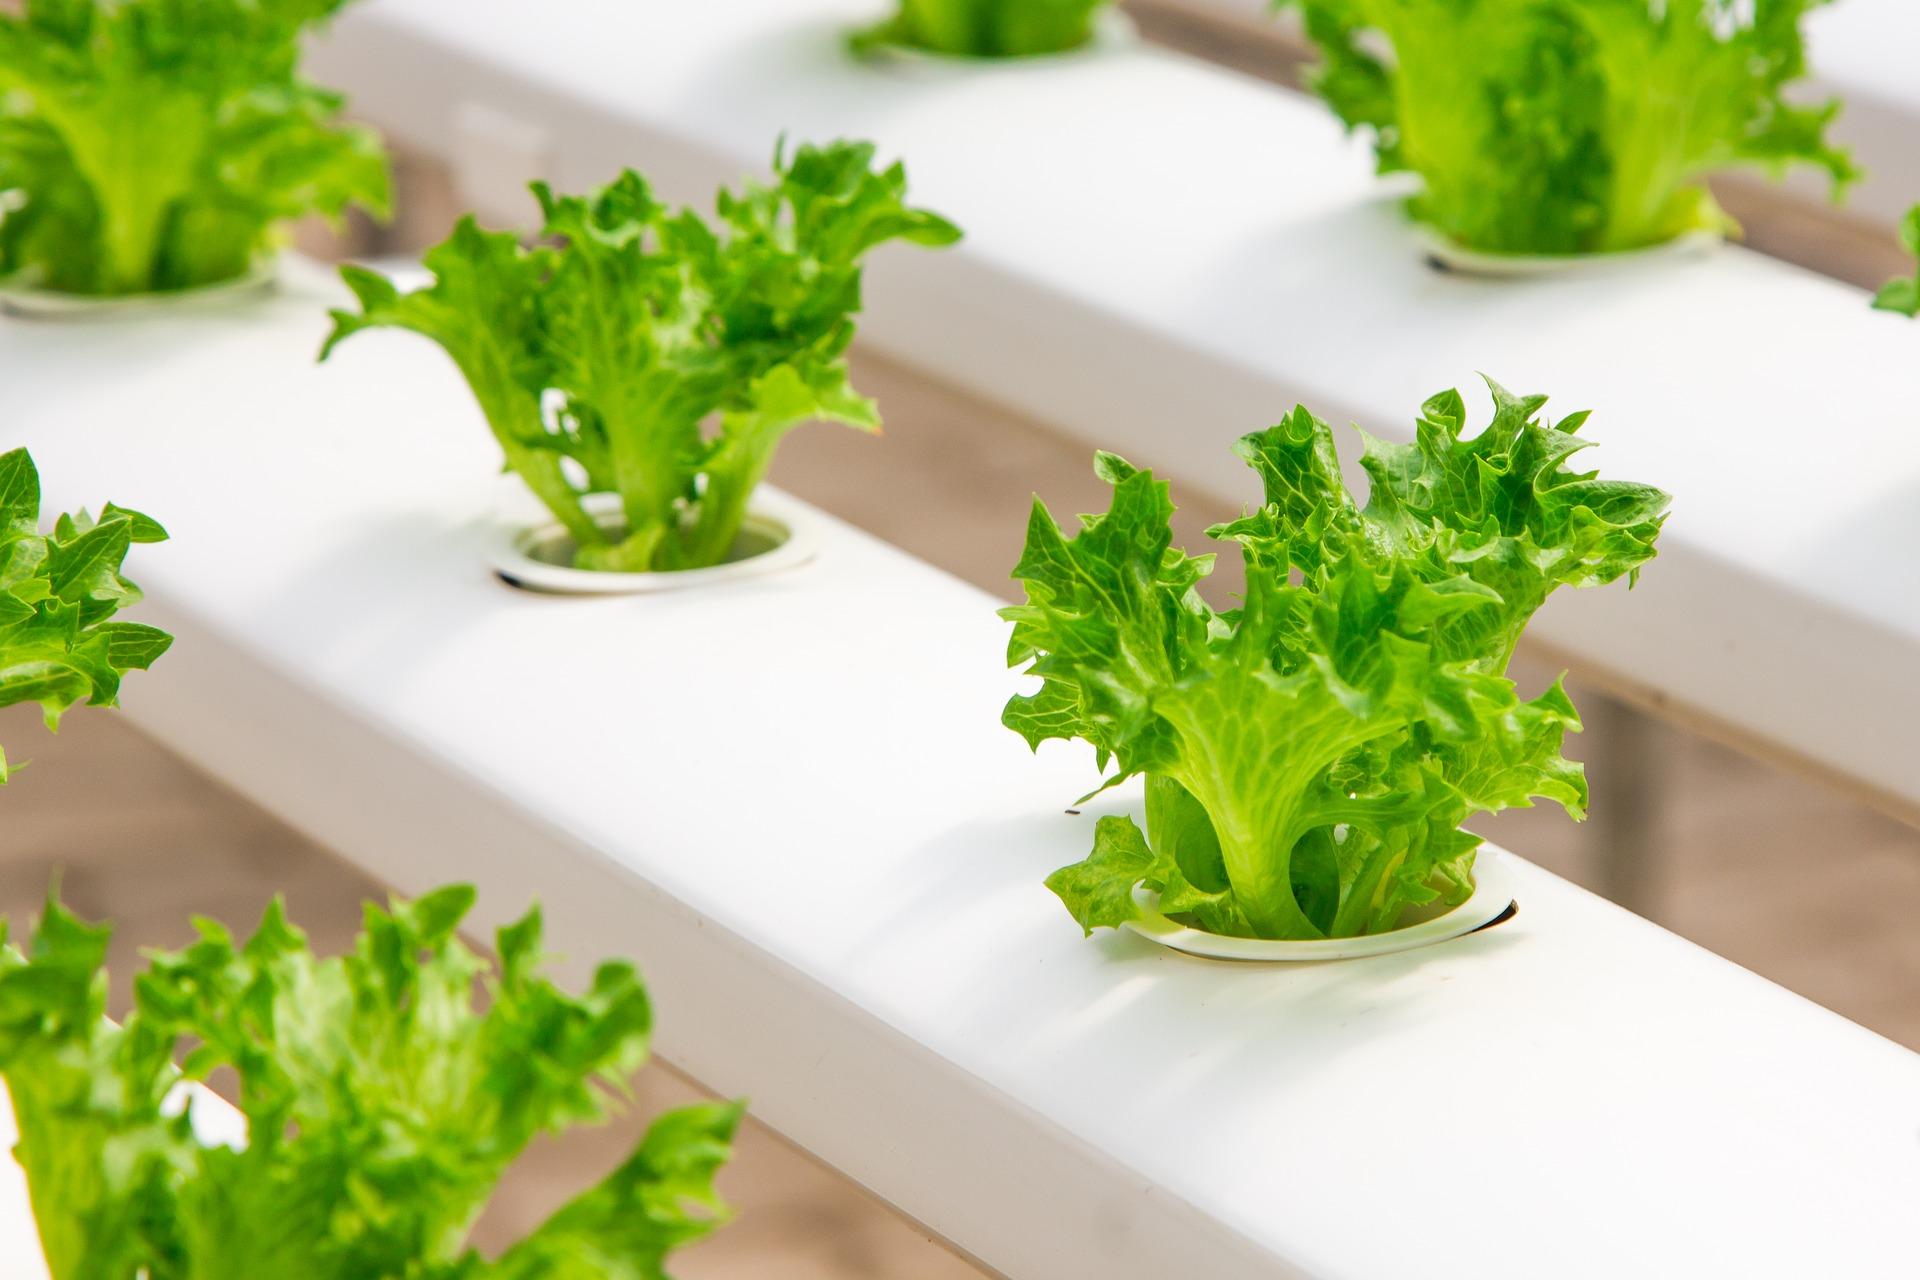 Colture idroponiche per ortaggi